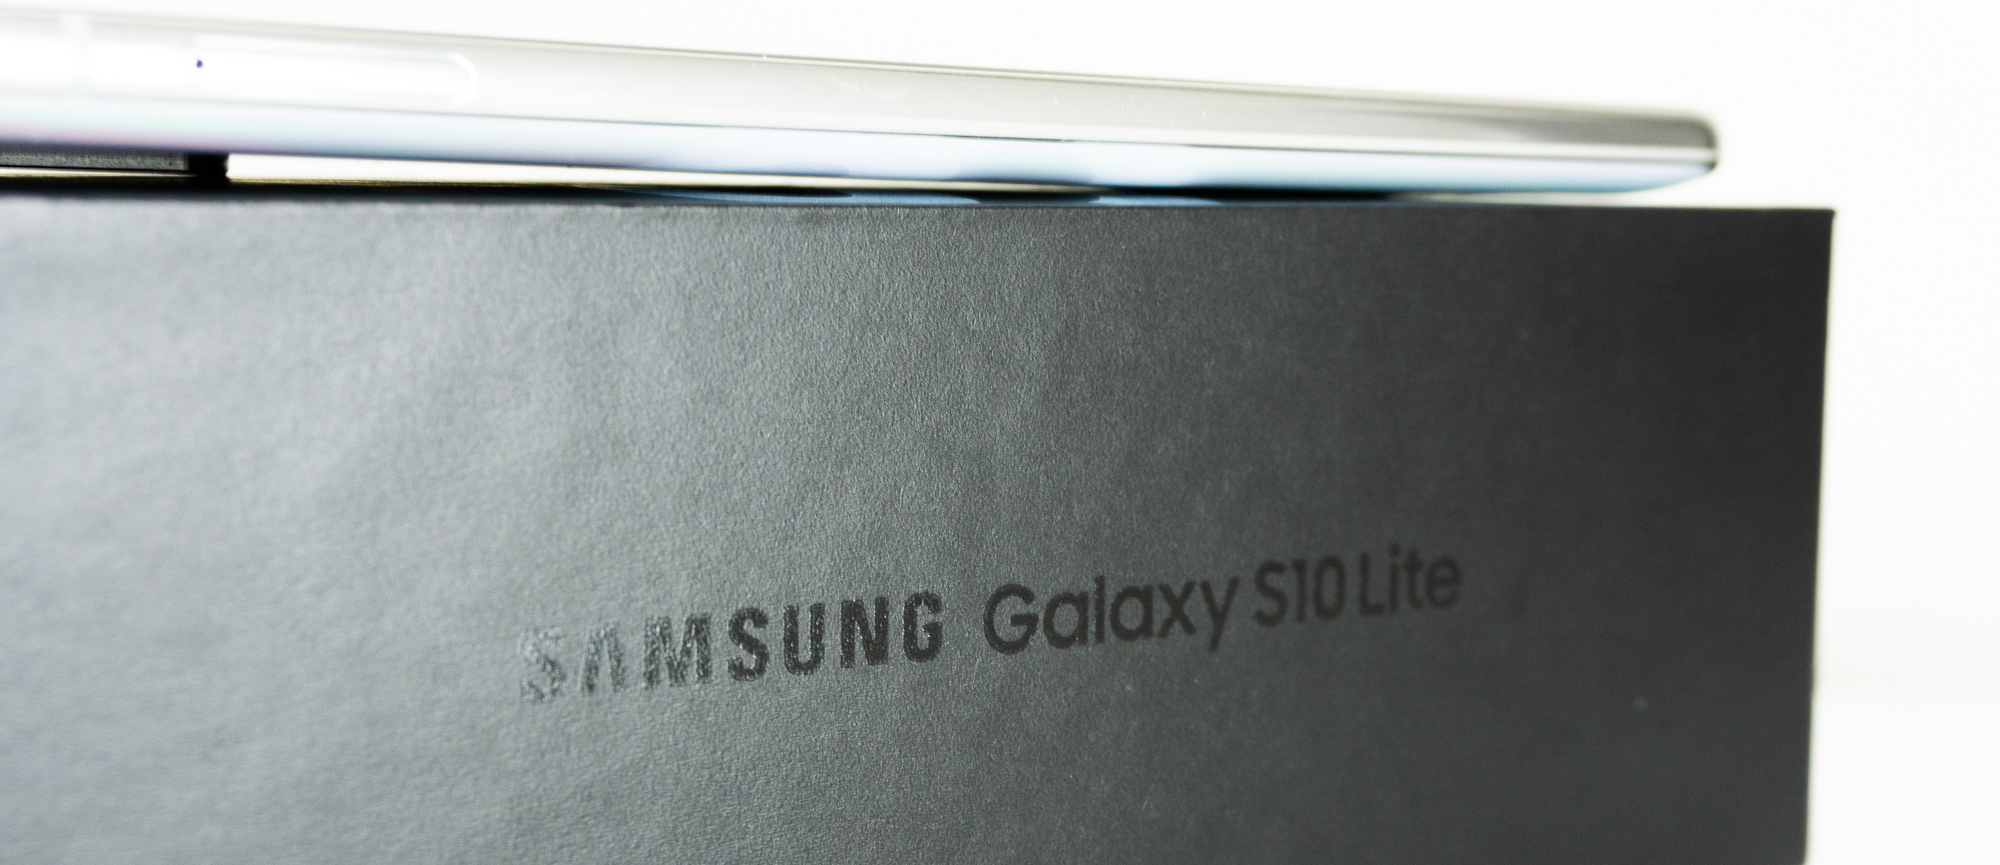 Samsung Galaxy S10 Lite - koreański zabójca flagowców (recenzja) 22